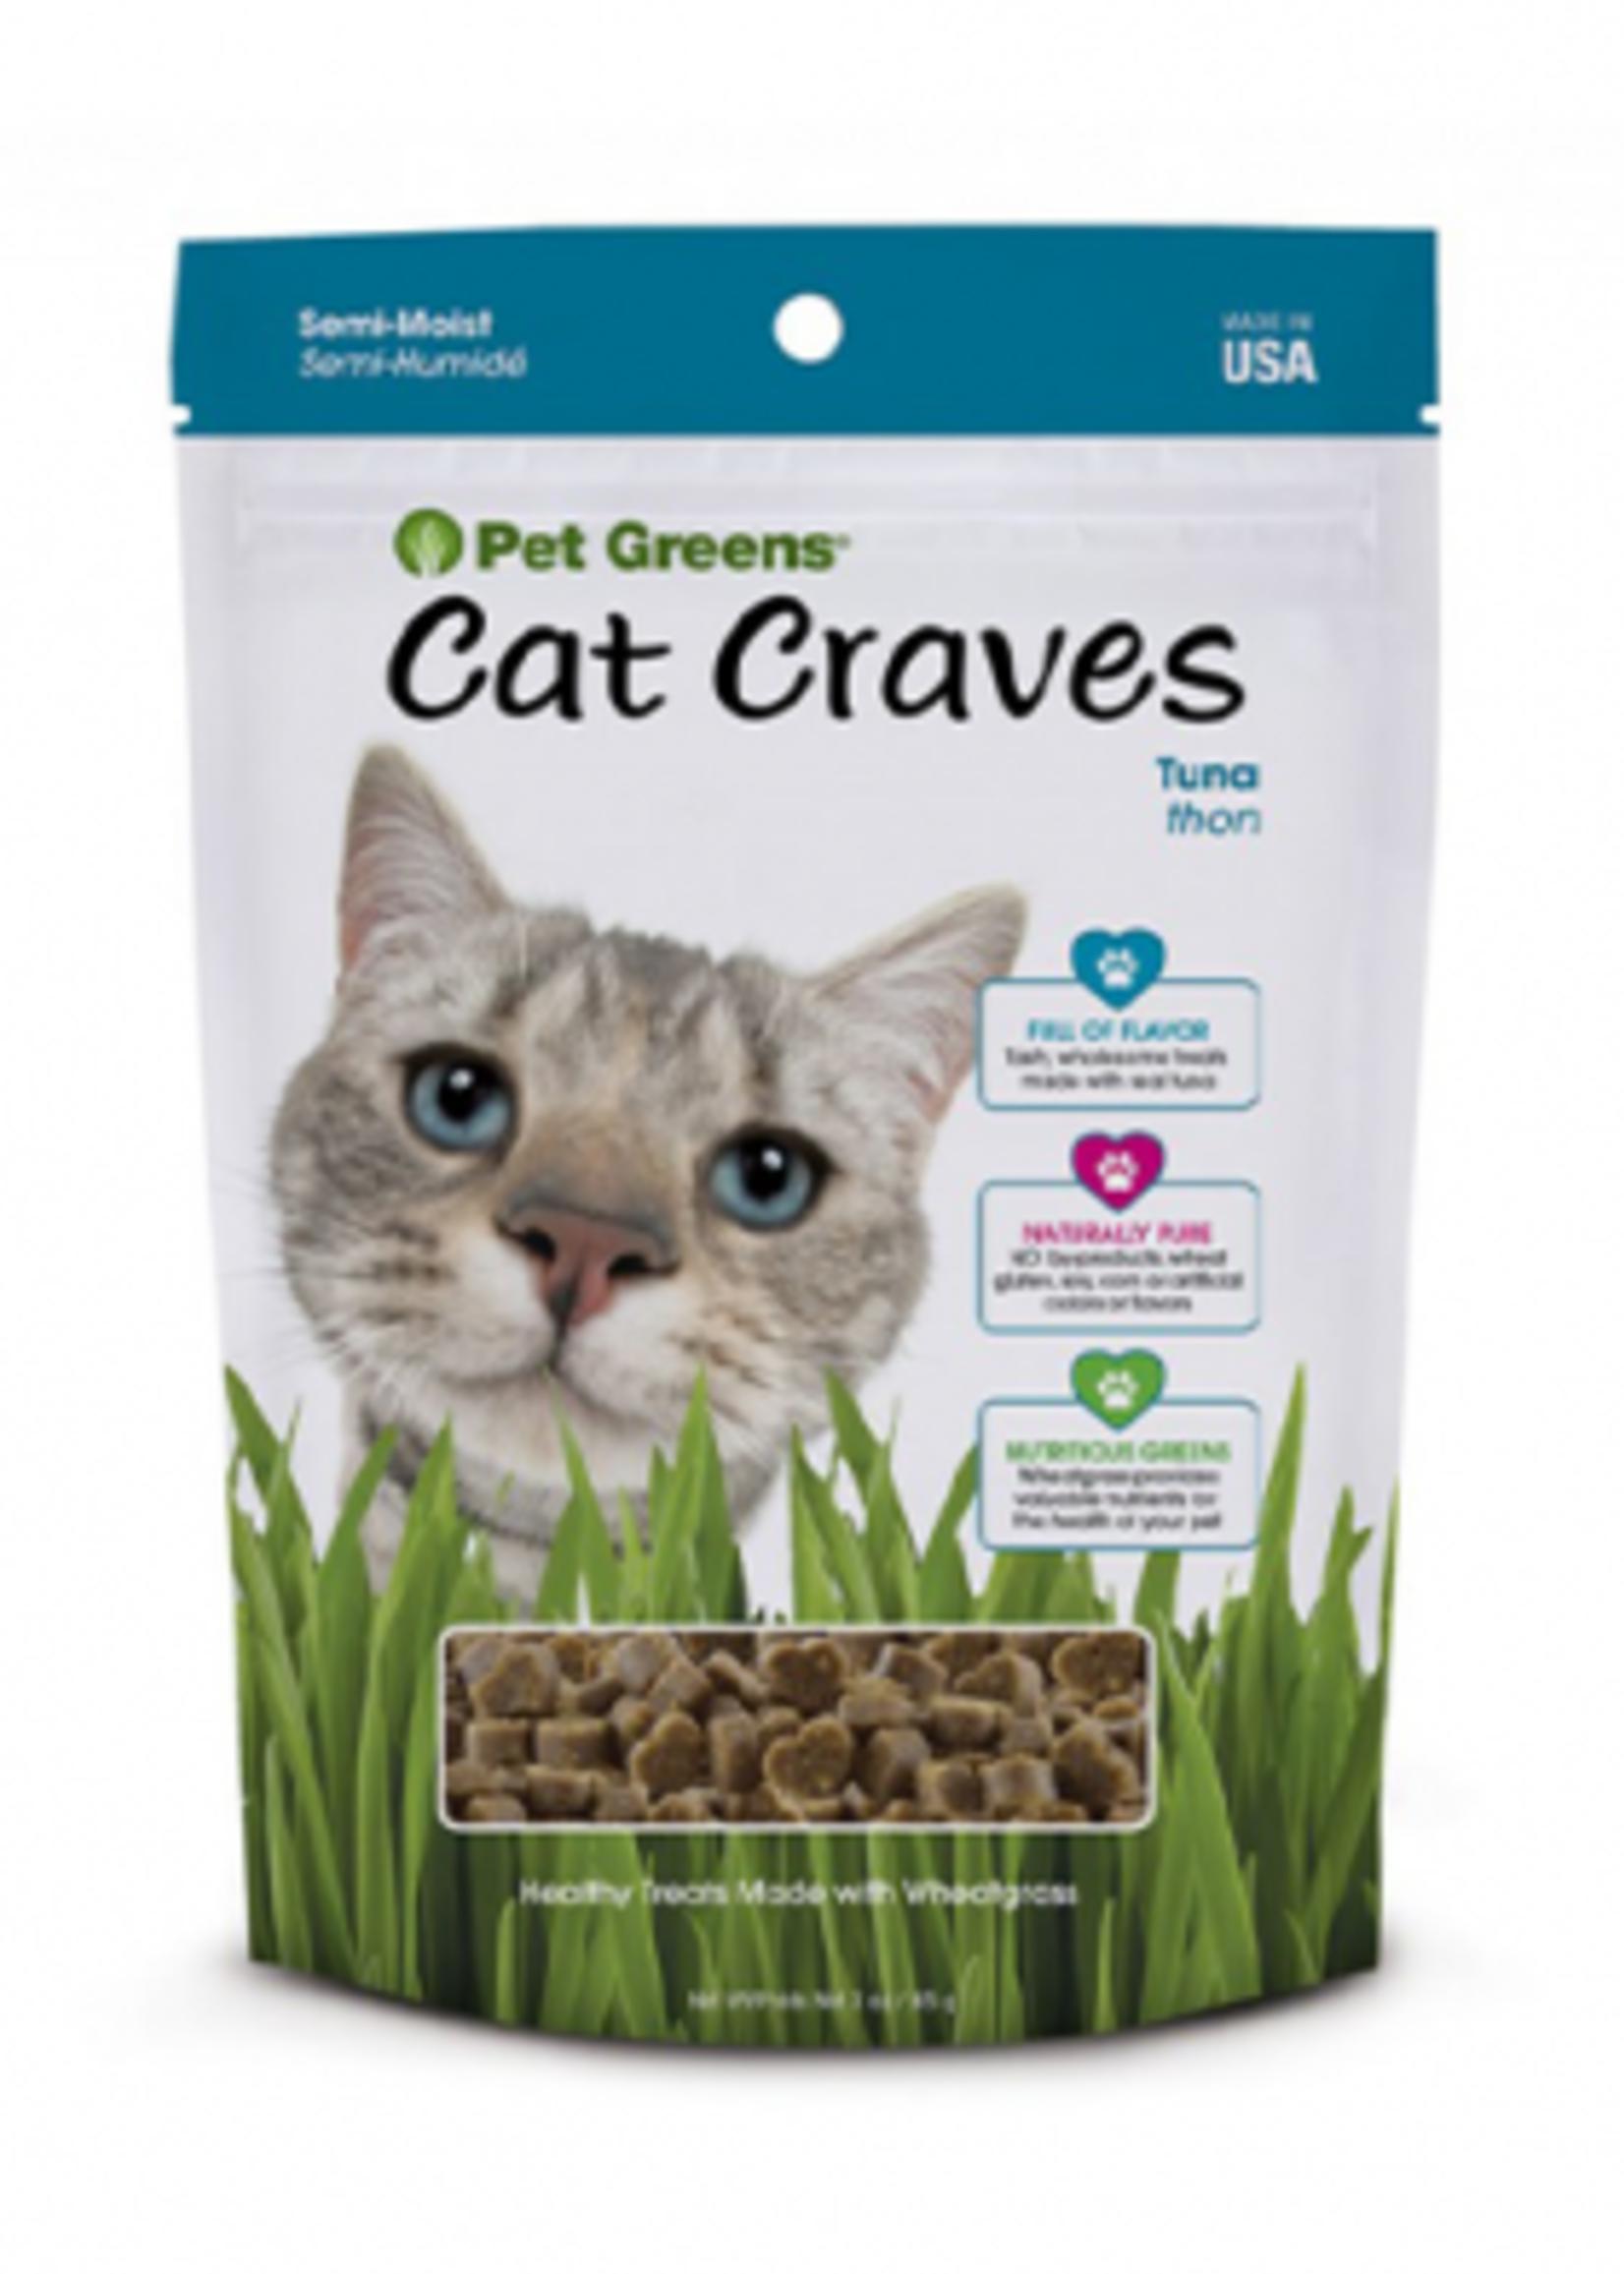 Pet Greens® Pet Greens Cat Craves Deep Sea Tuna 3oz